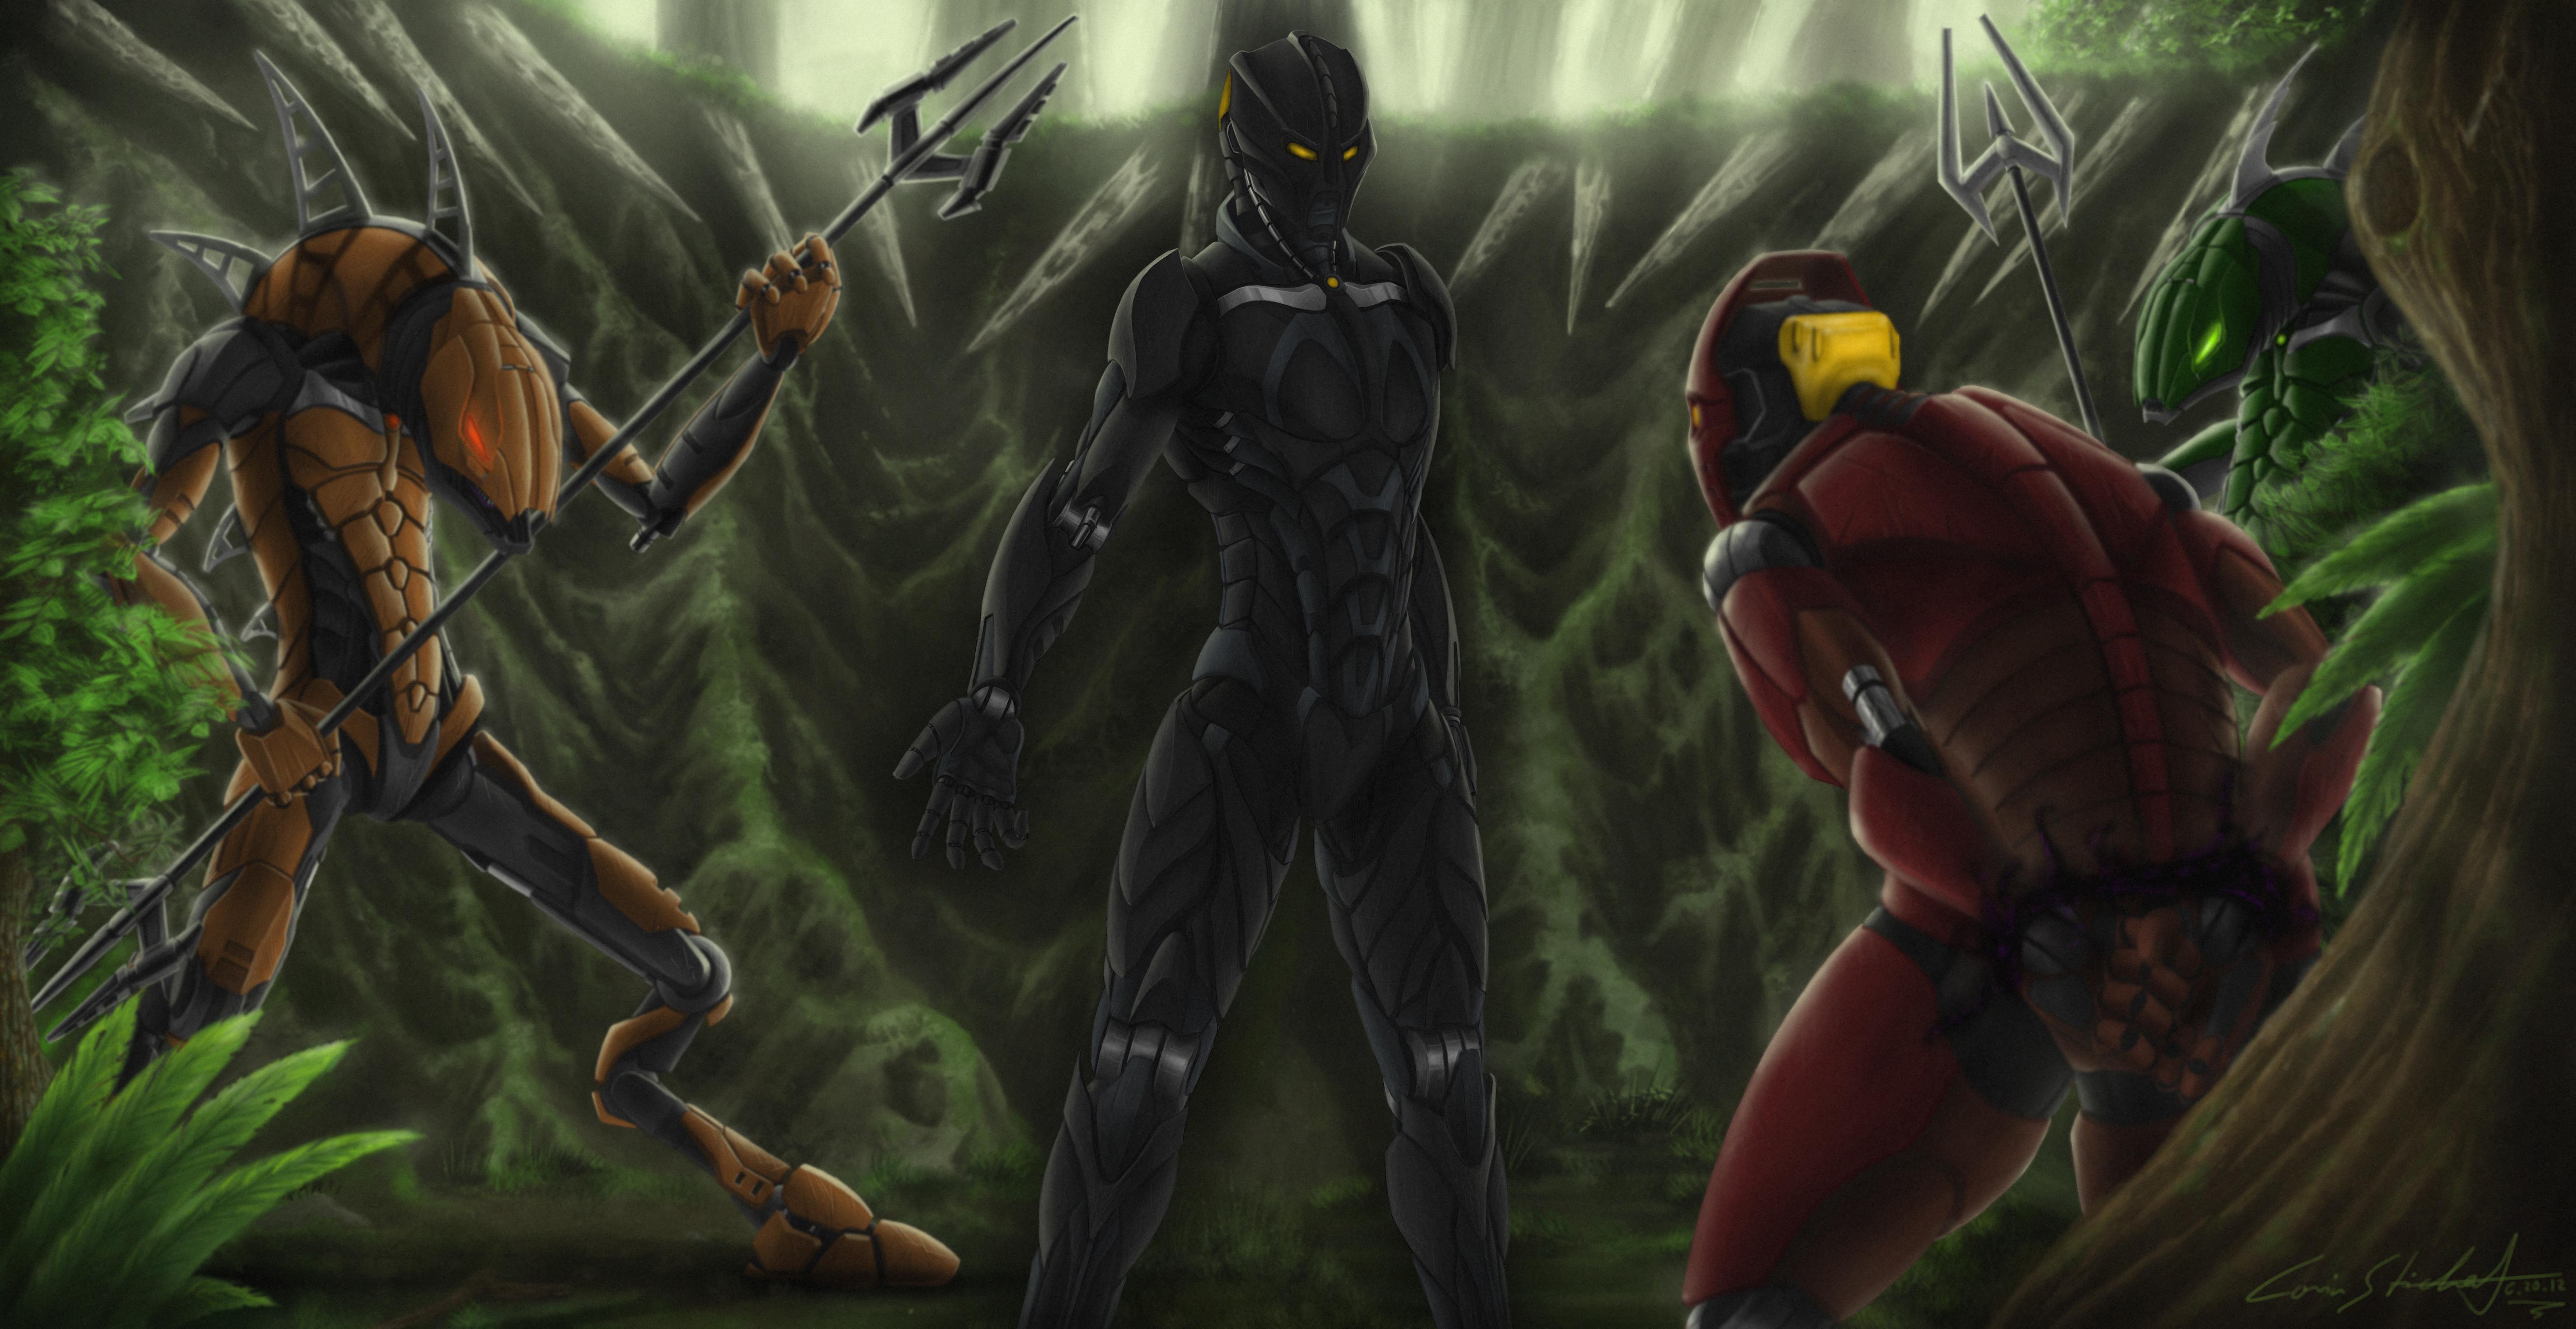 Herald of Shadow by Ferain